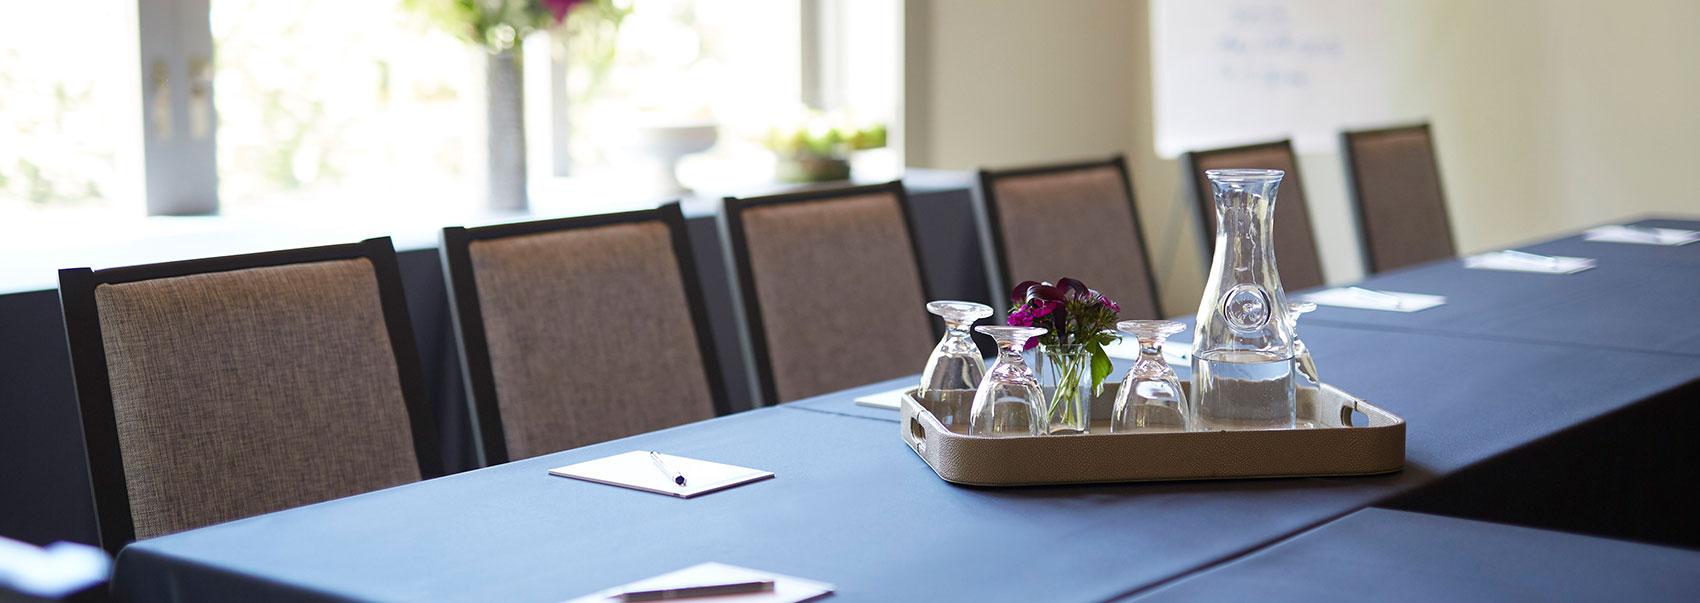 Weddings & Events Facilities at Napa Hotel